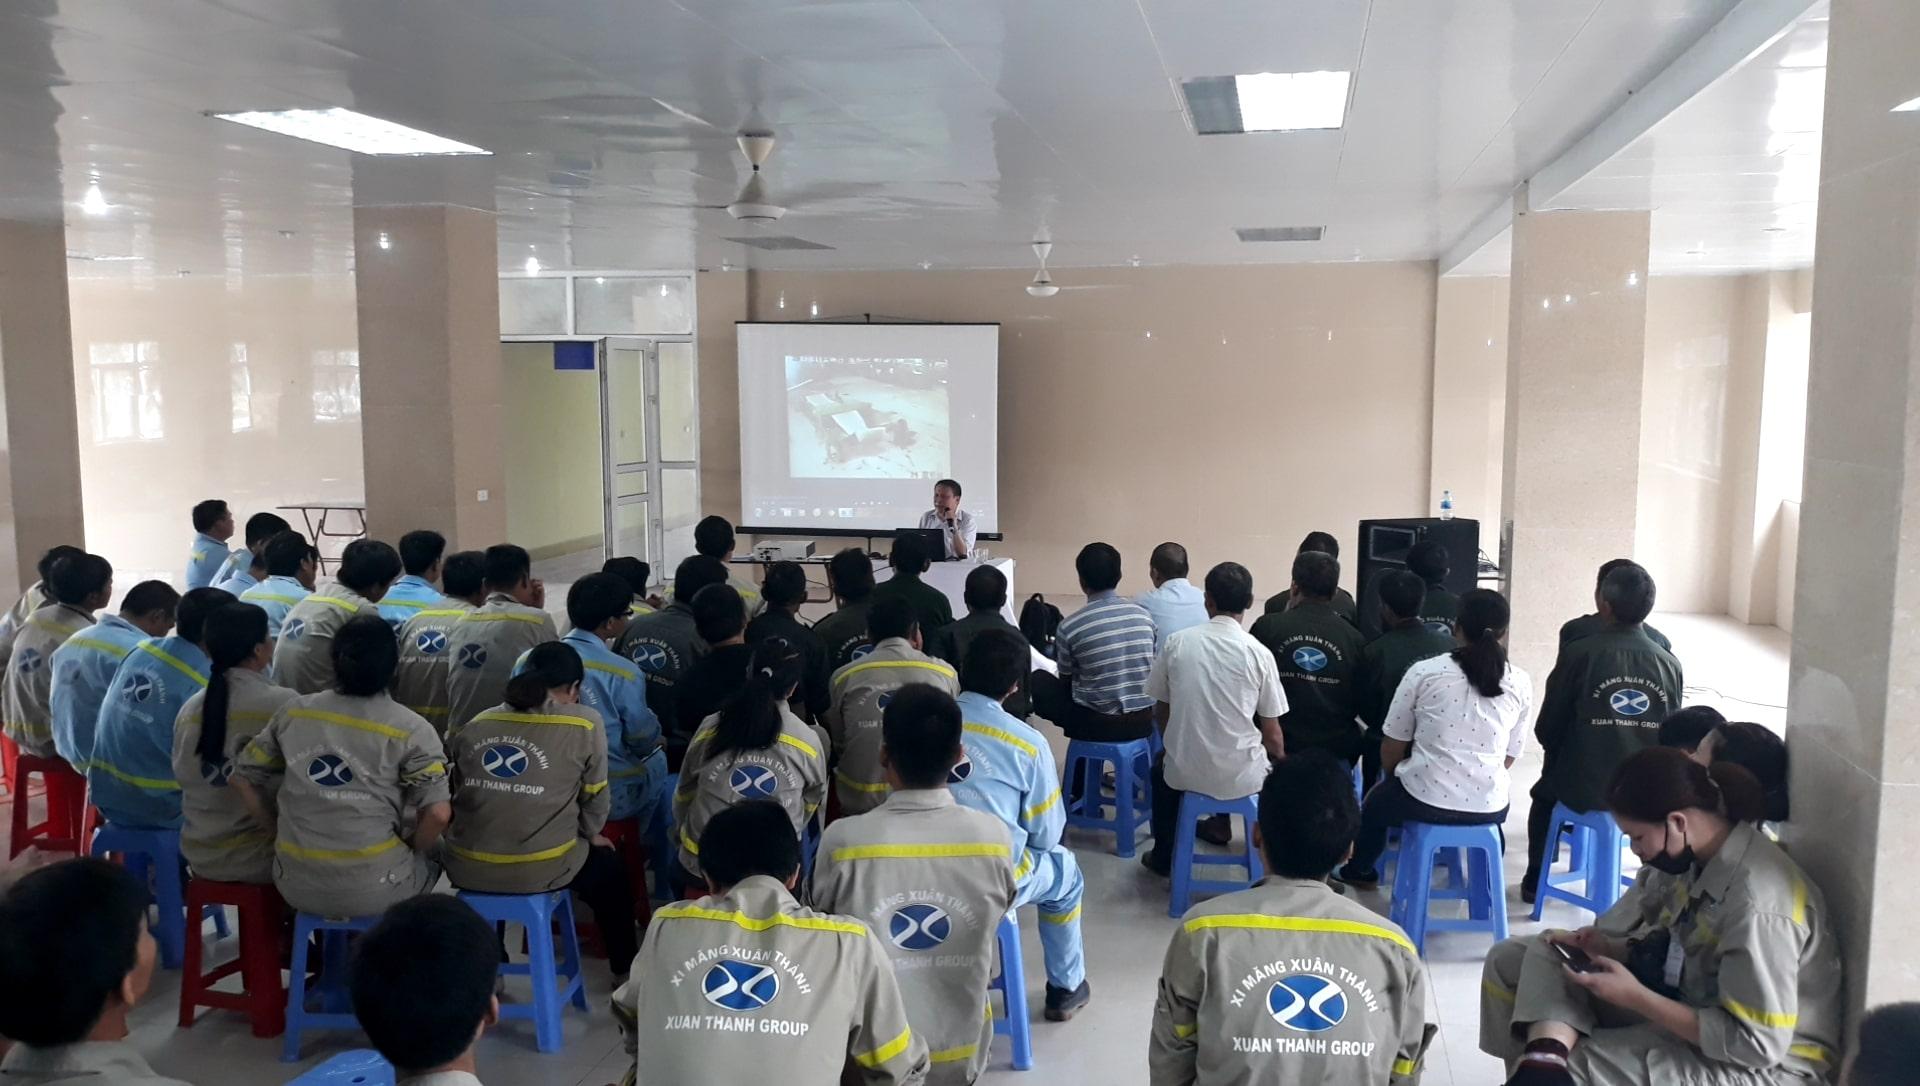 Huấn luyện an toàn, vệ sinh lao động tại Công ty cổ phần xi măng Xuân Thành năm 2019